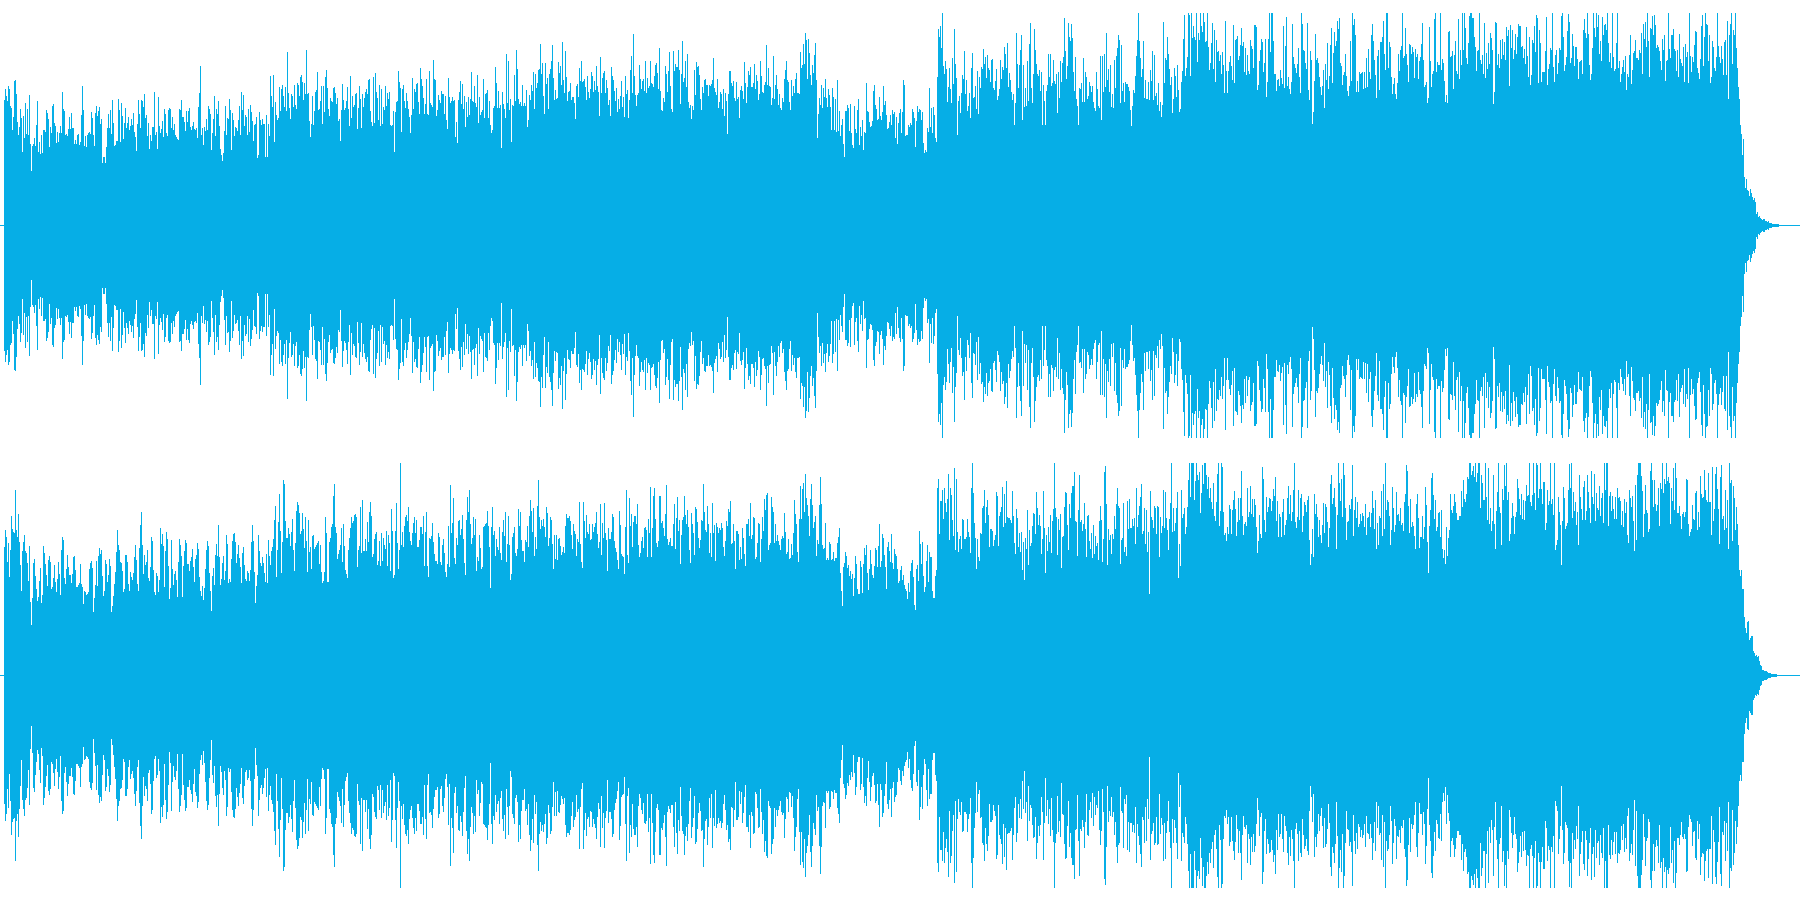 シンセとストリングスのサイバーな映像音楽の再生済みの波形